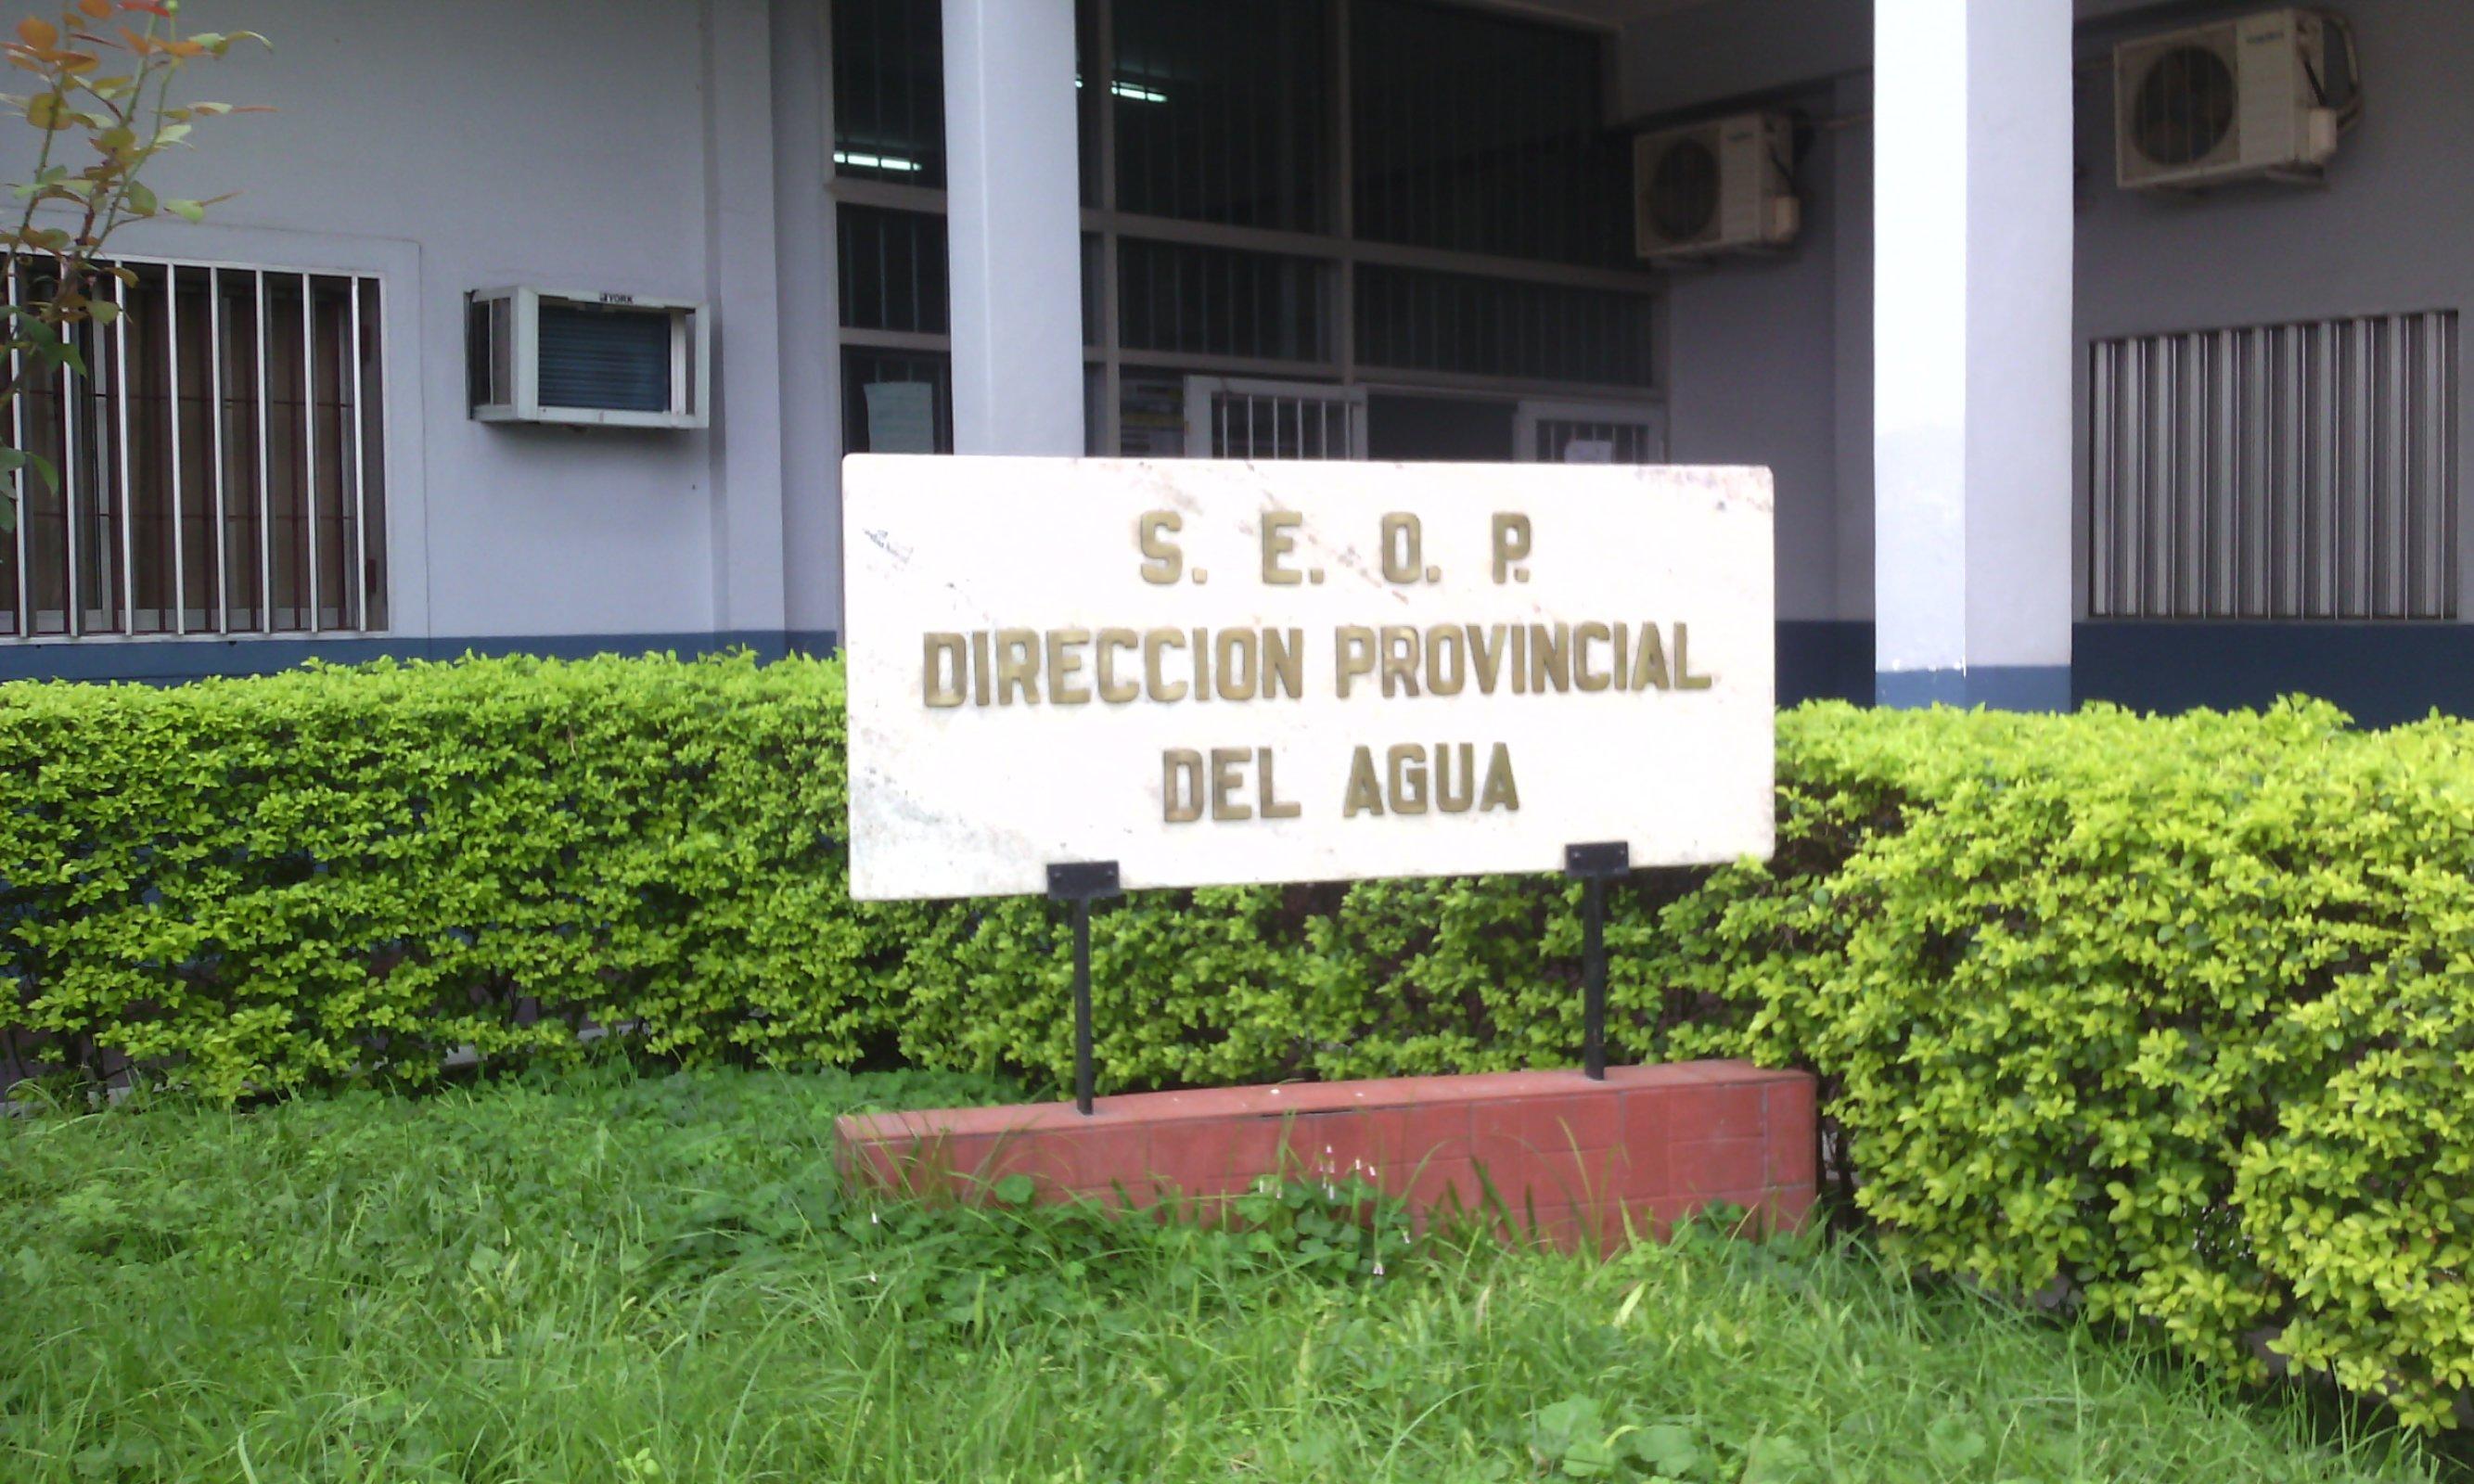 Dirección Provincial del Agua